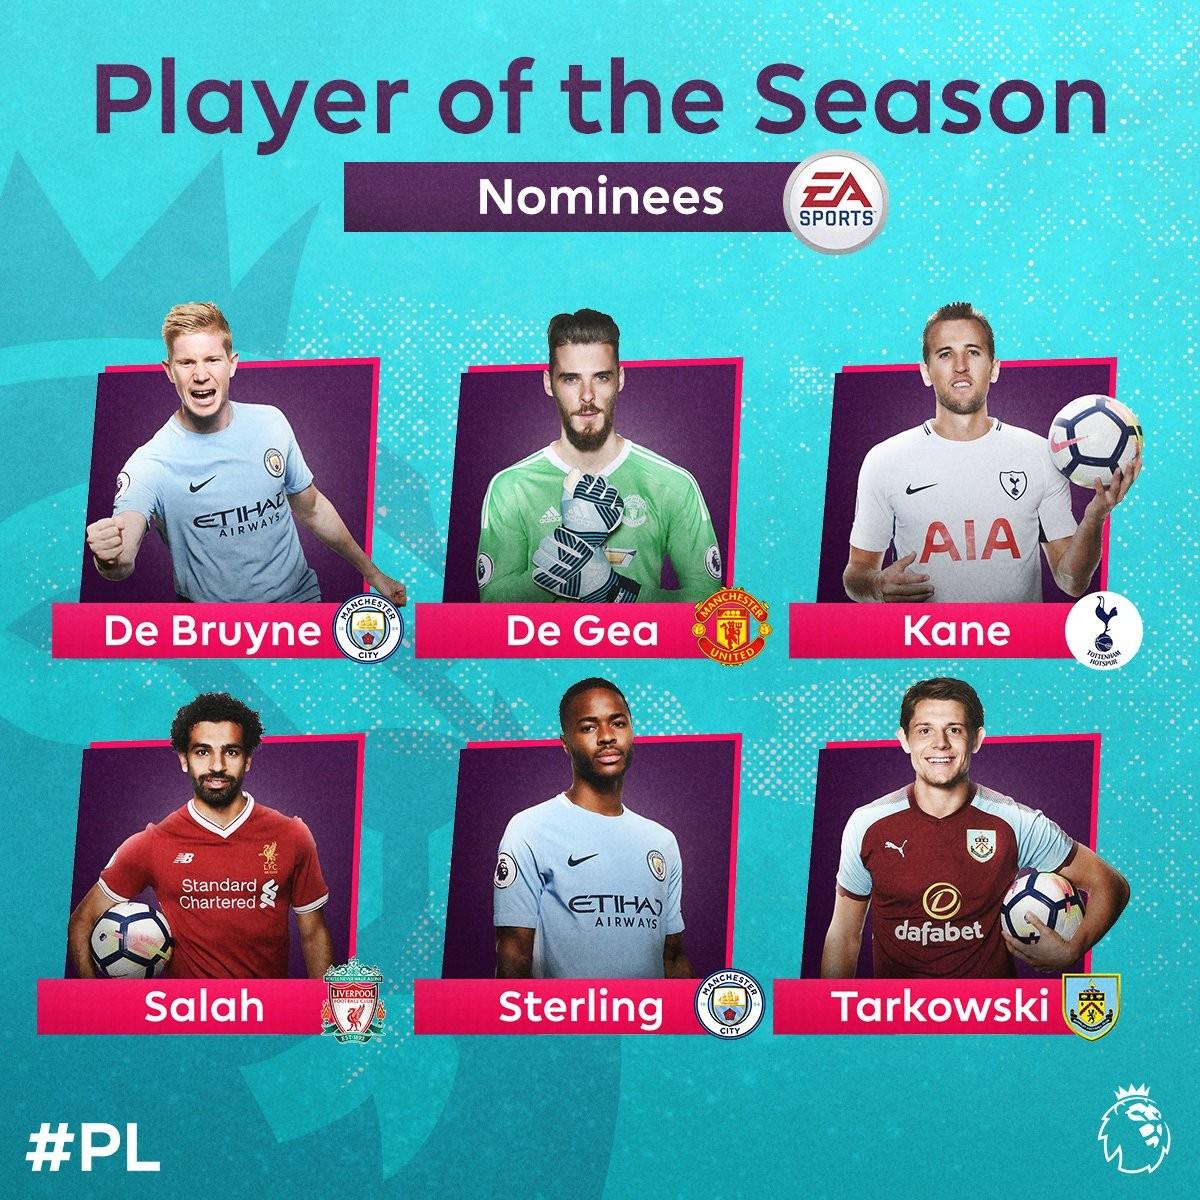 英超赛季最佳球员候选: